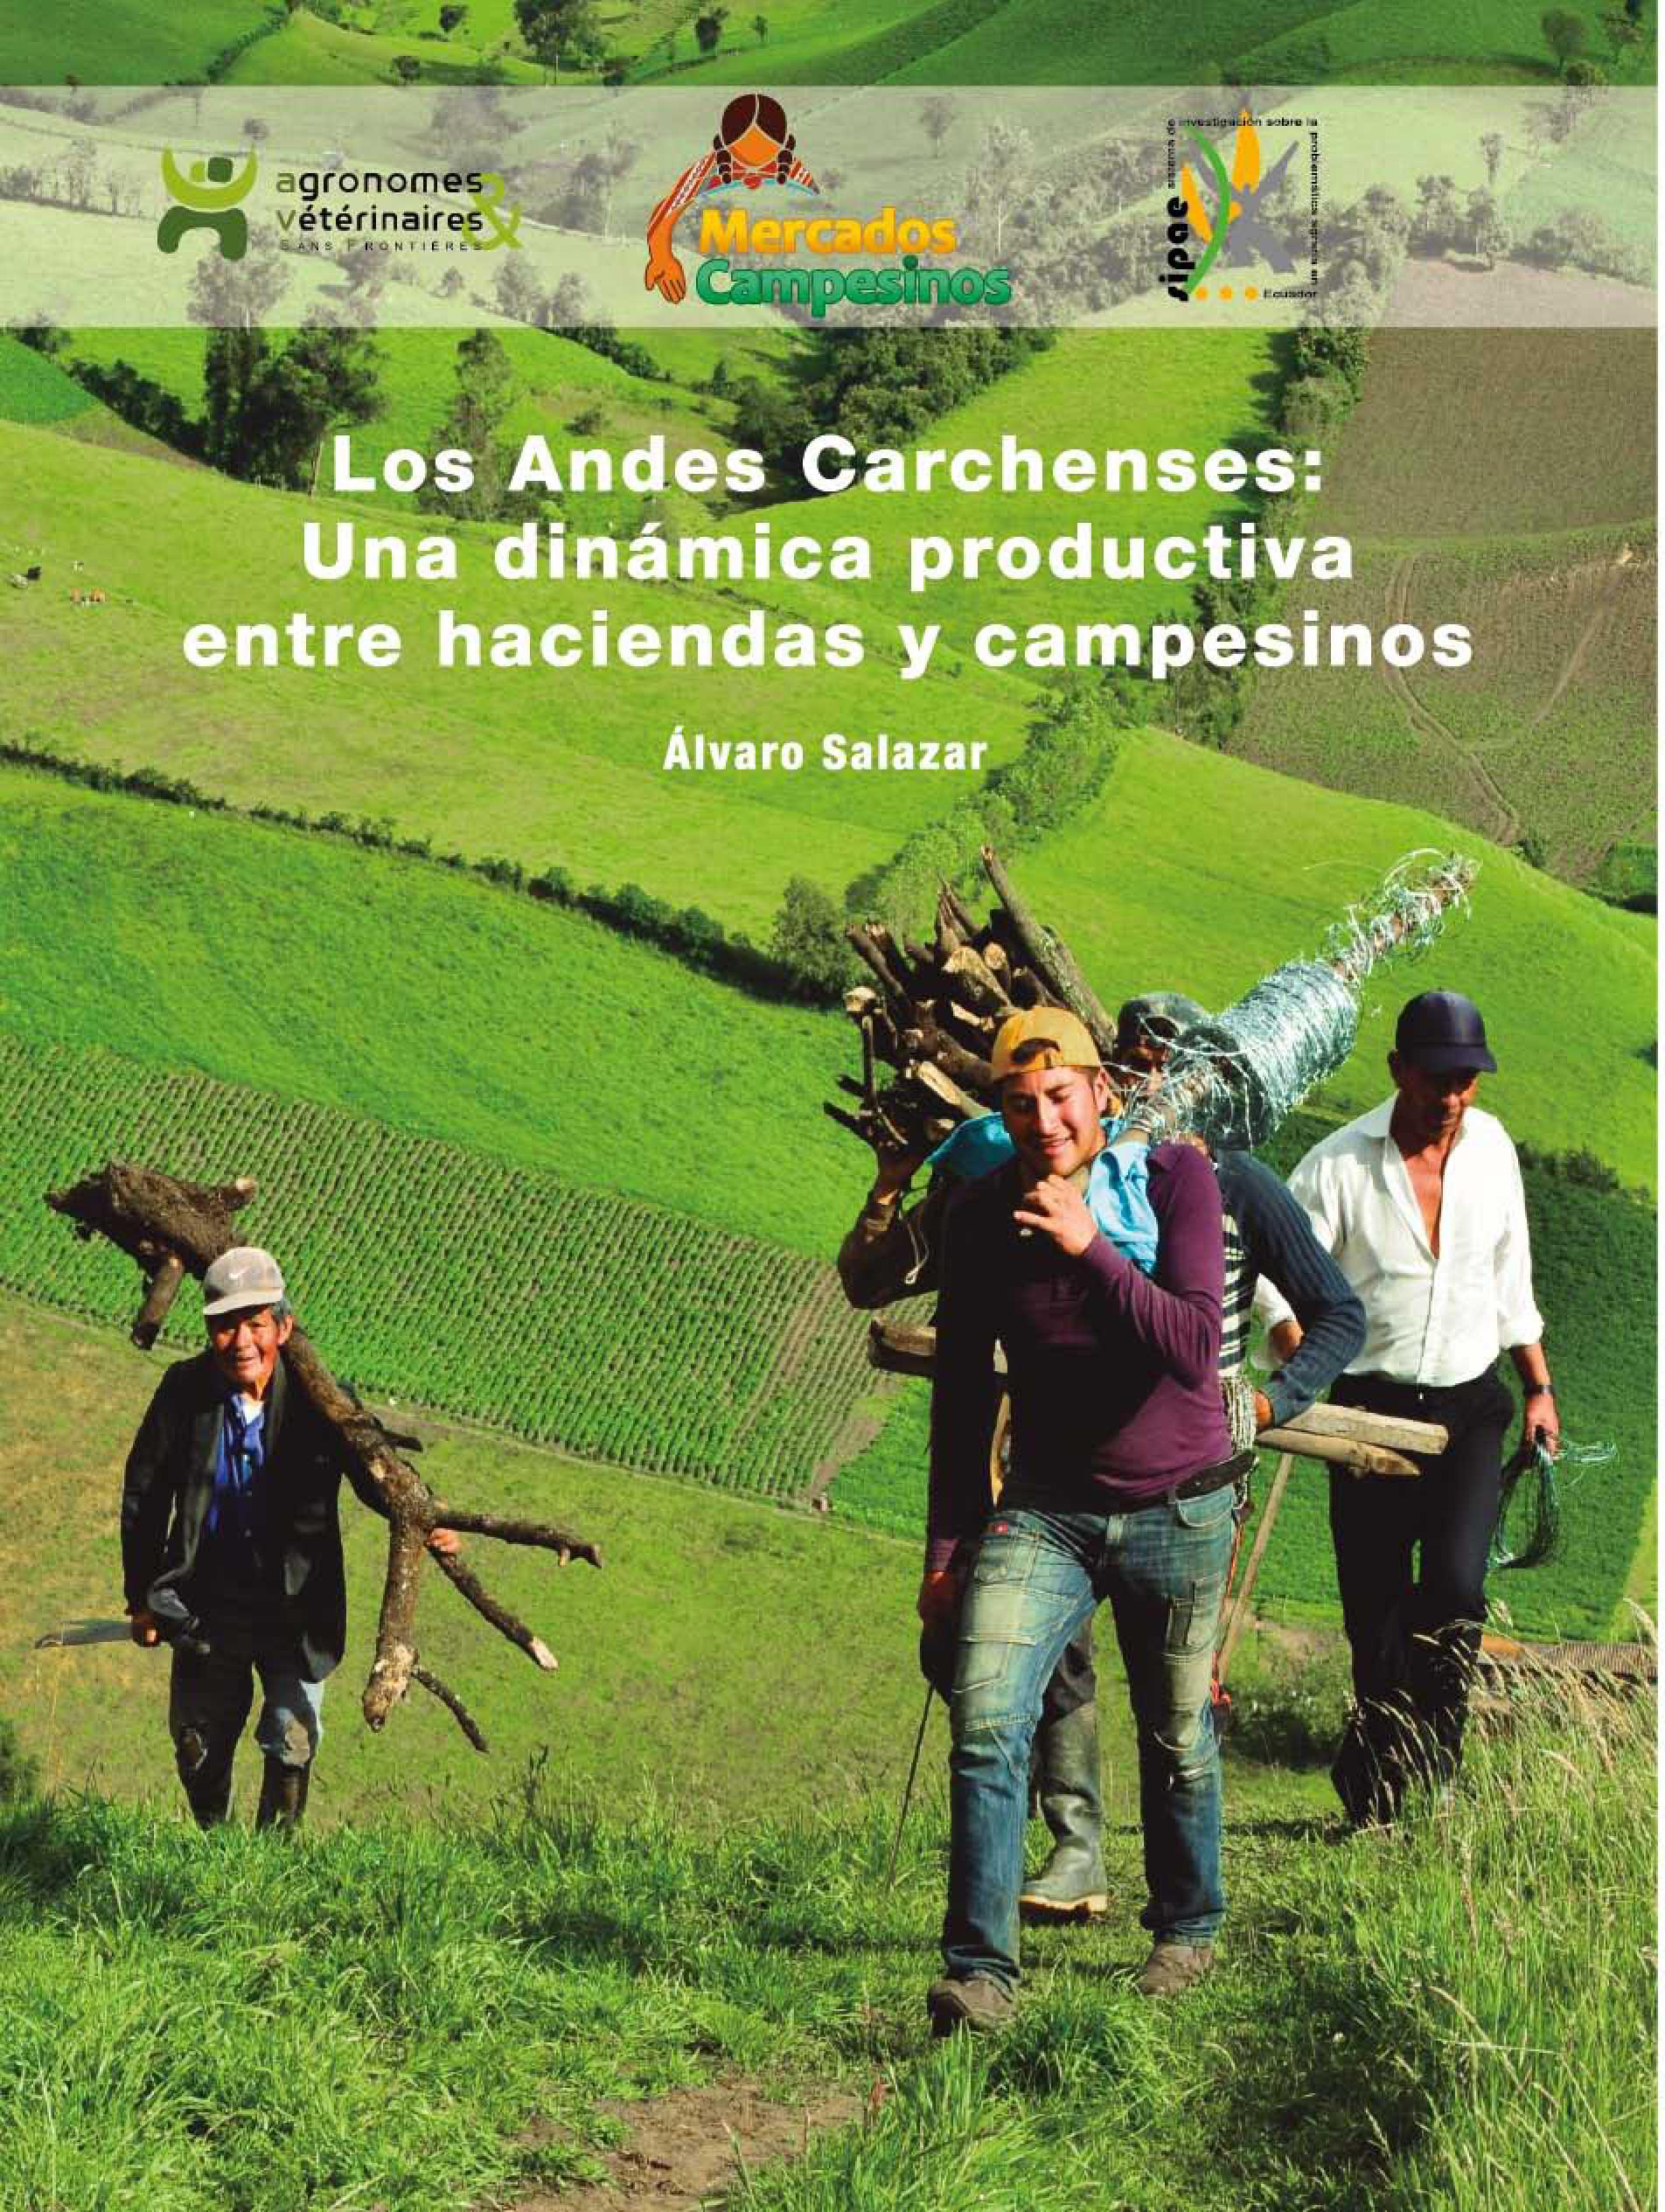 Los andes carchenses en Ecuador: nuevas dinámicas productivas entre haciendas y campesinos Image principale